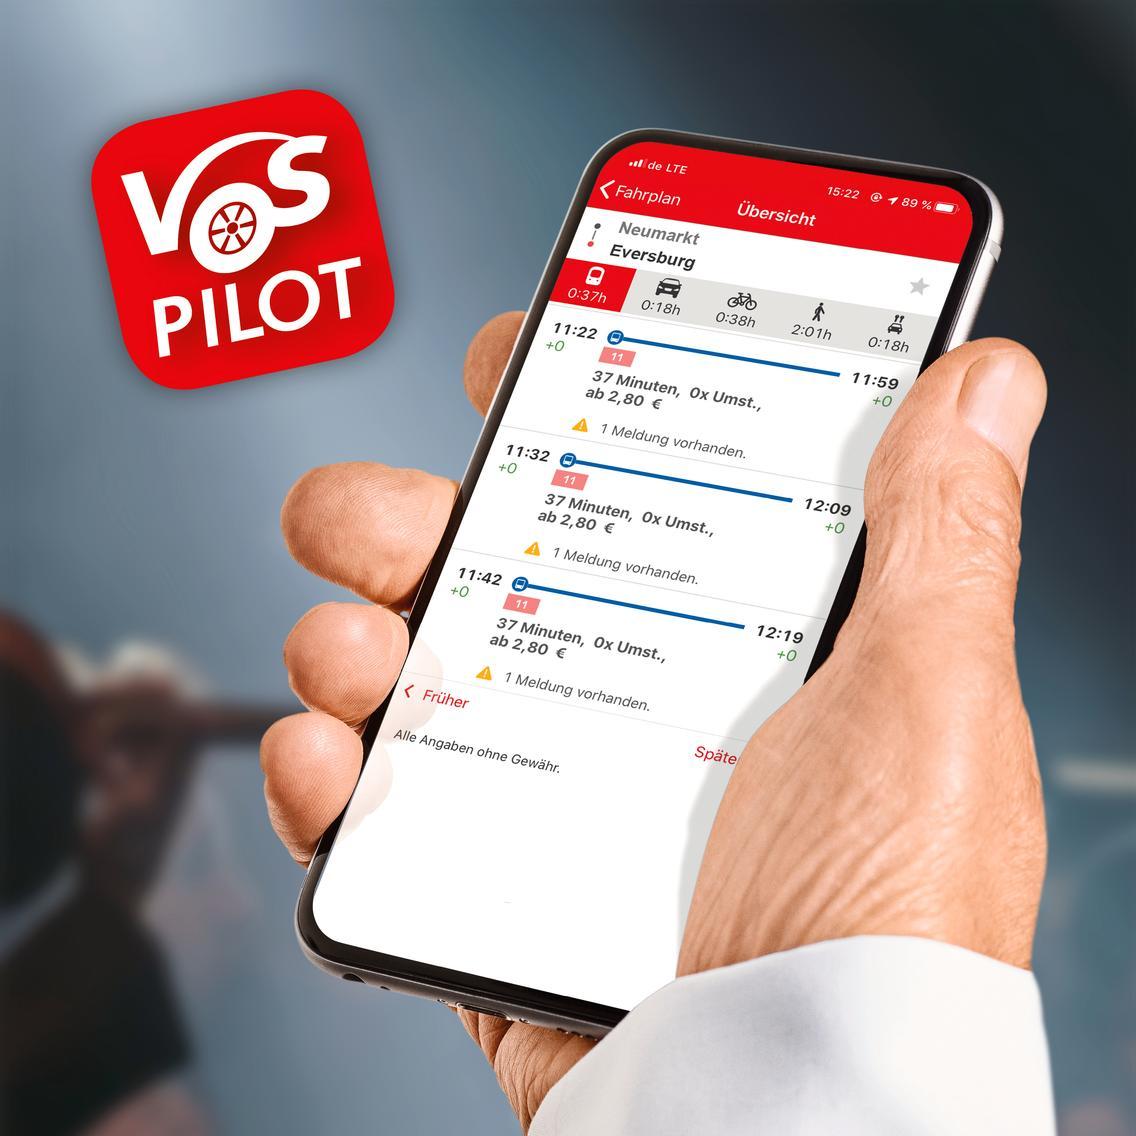 Fahrplanauskunft im VOSpilot